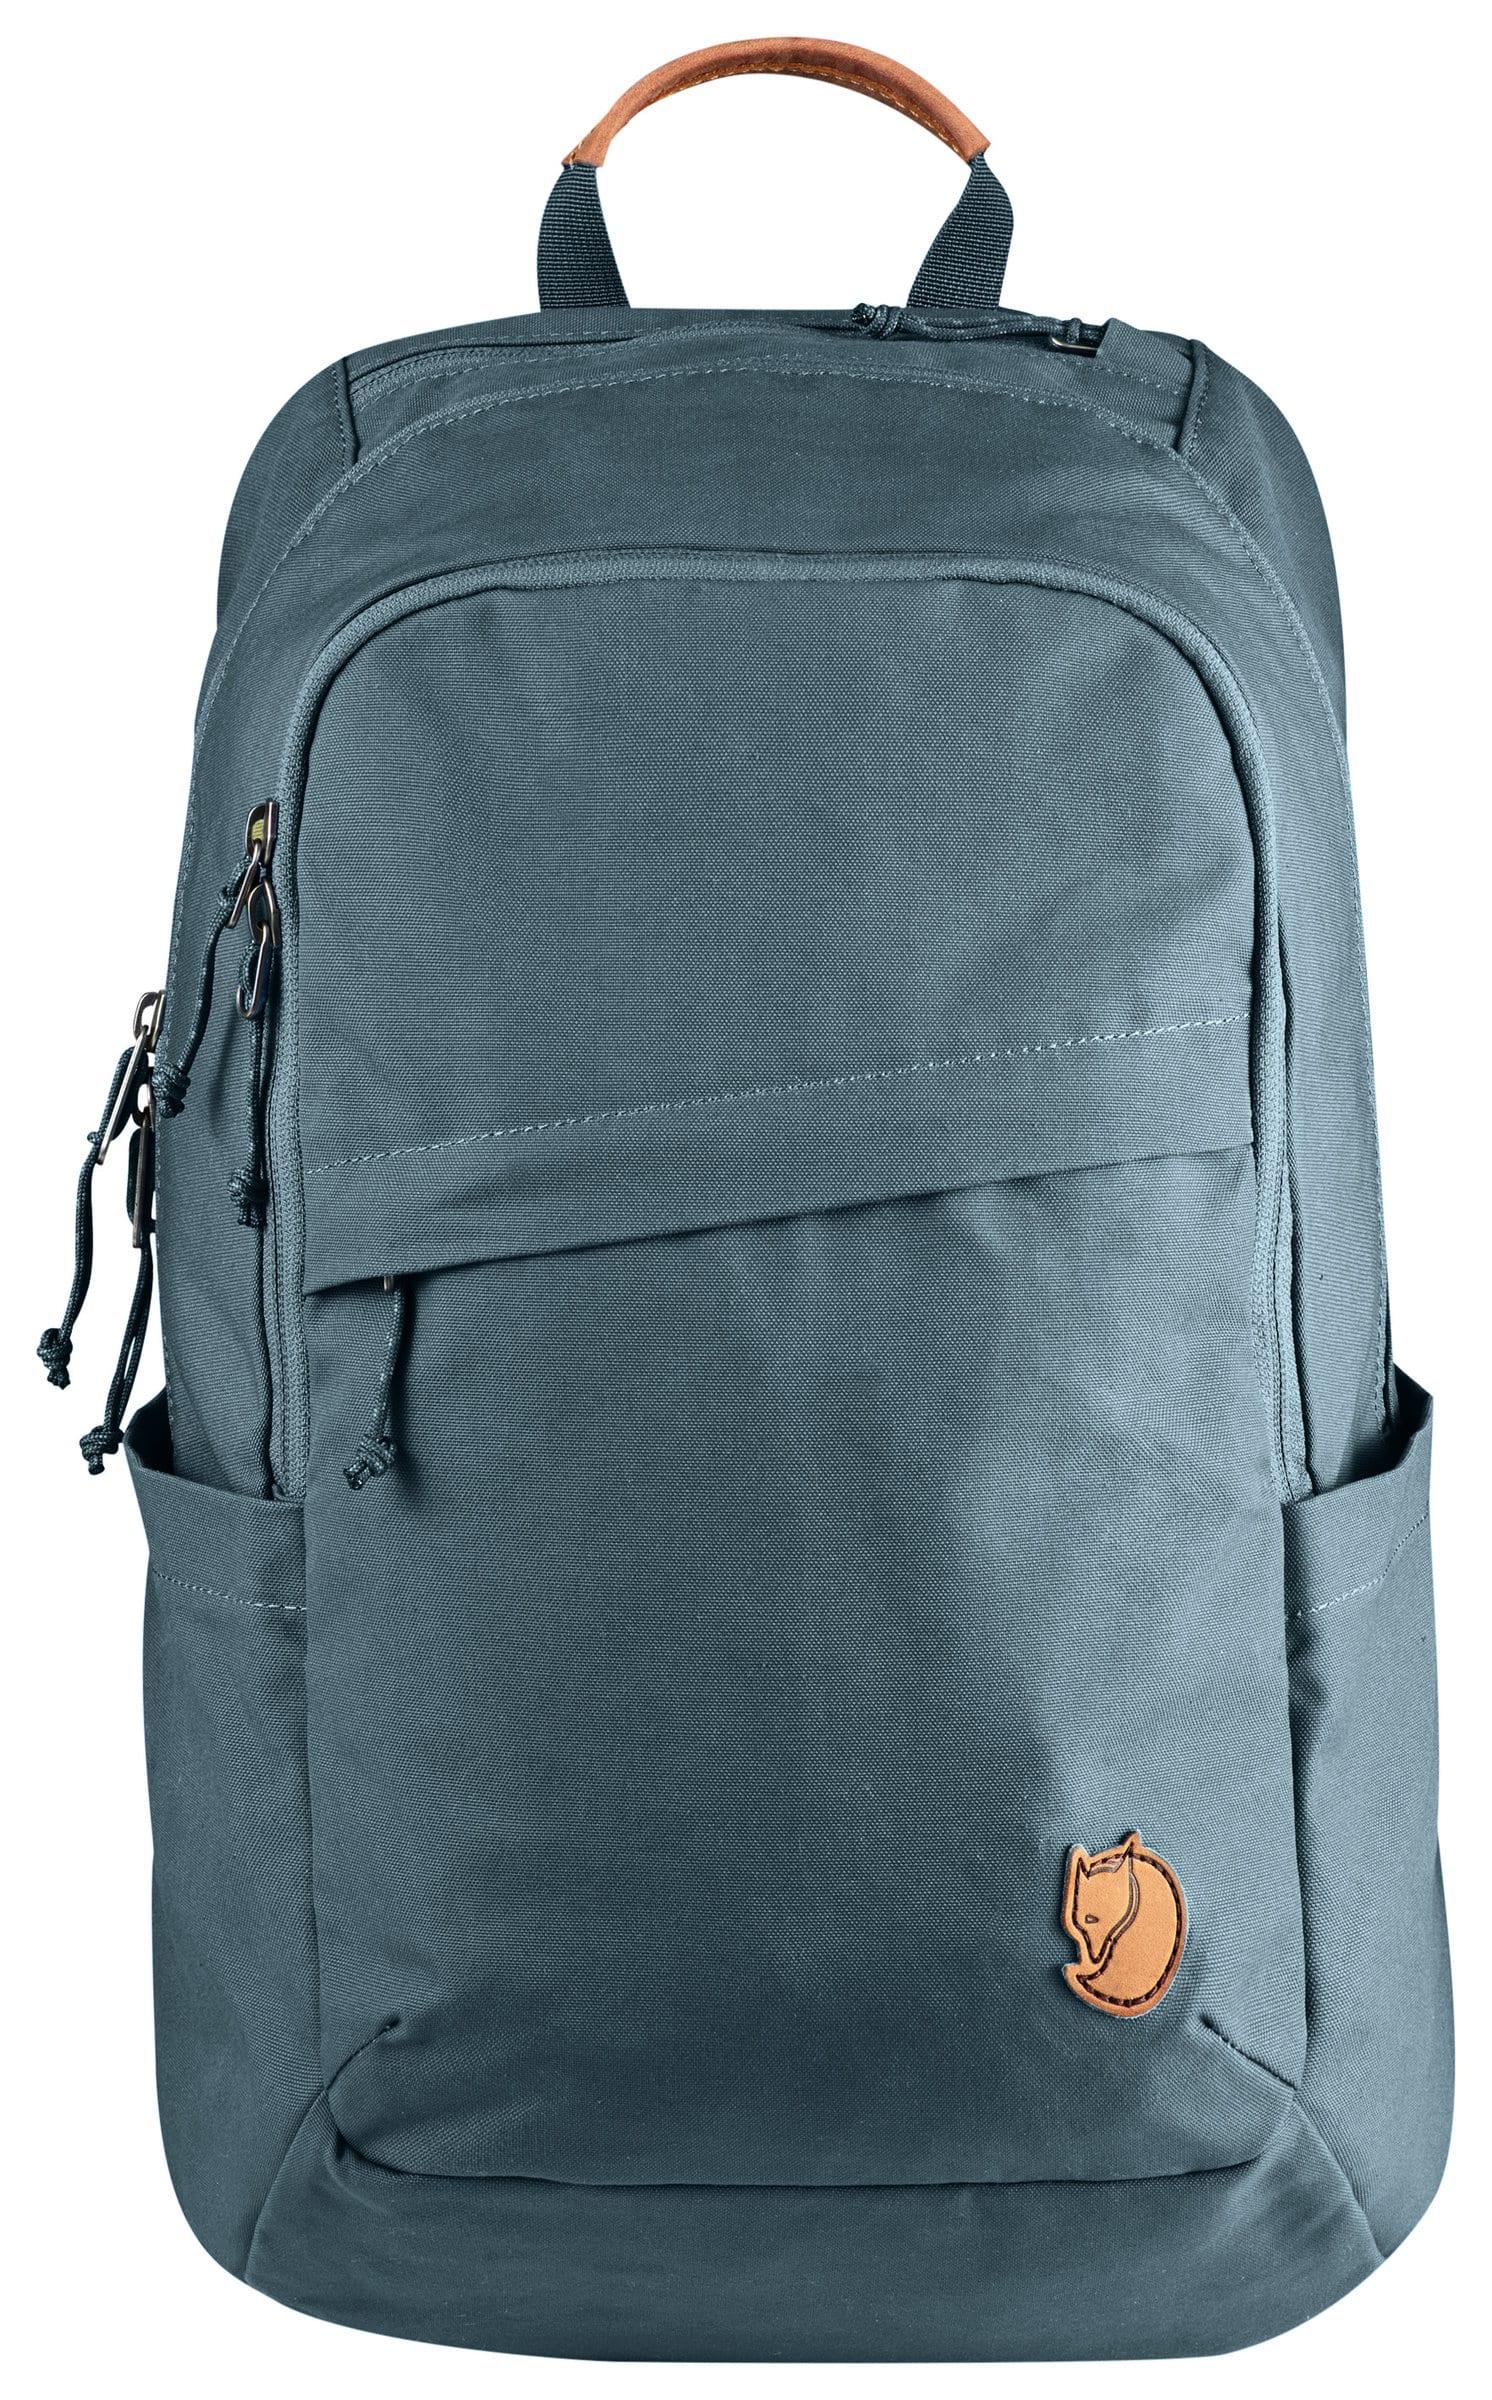 Fjällräven Räven Daypack / Rucksack